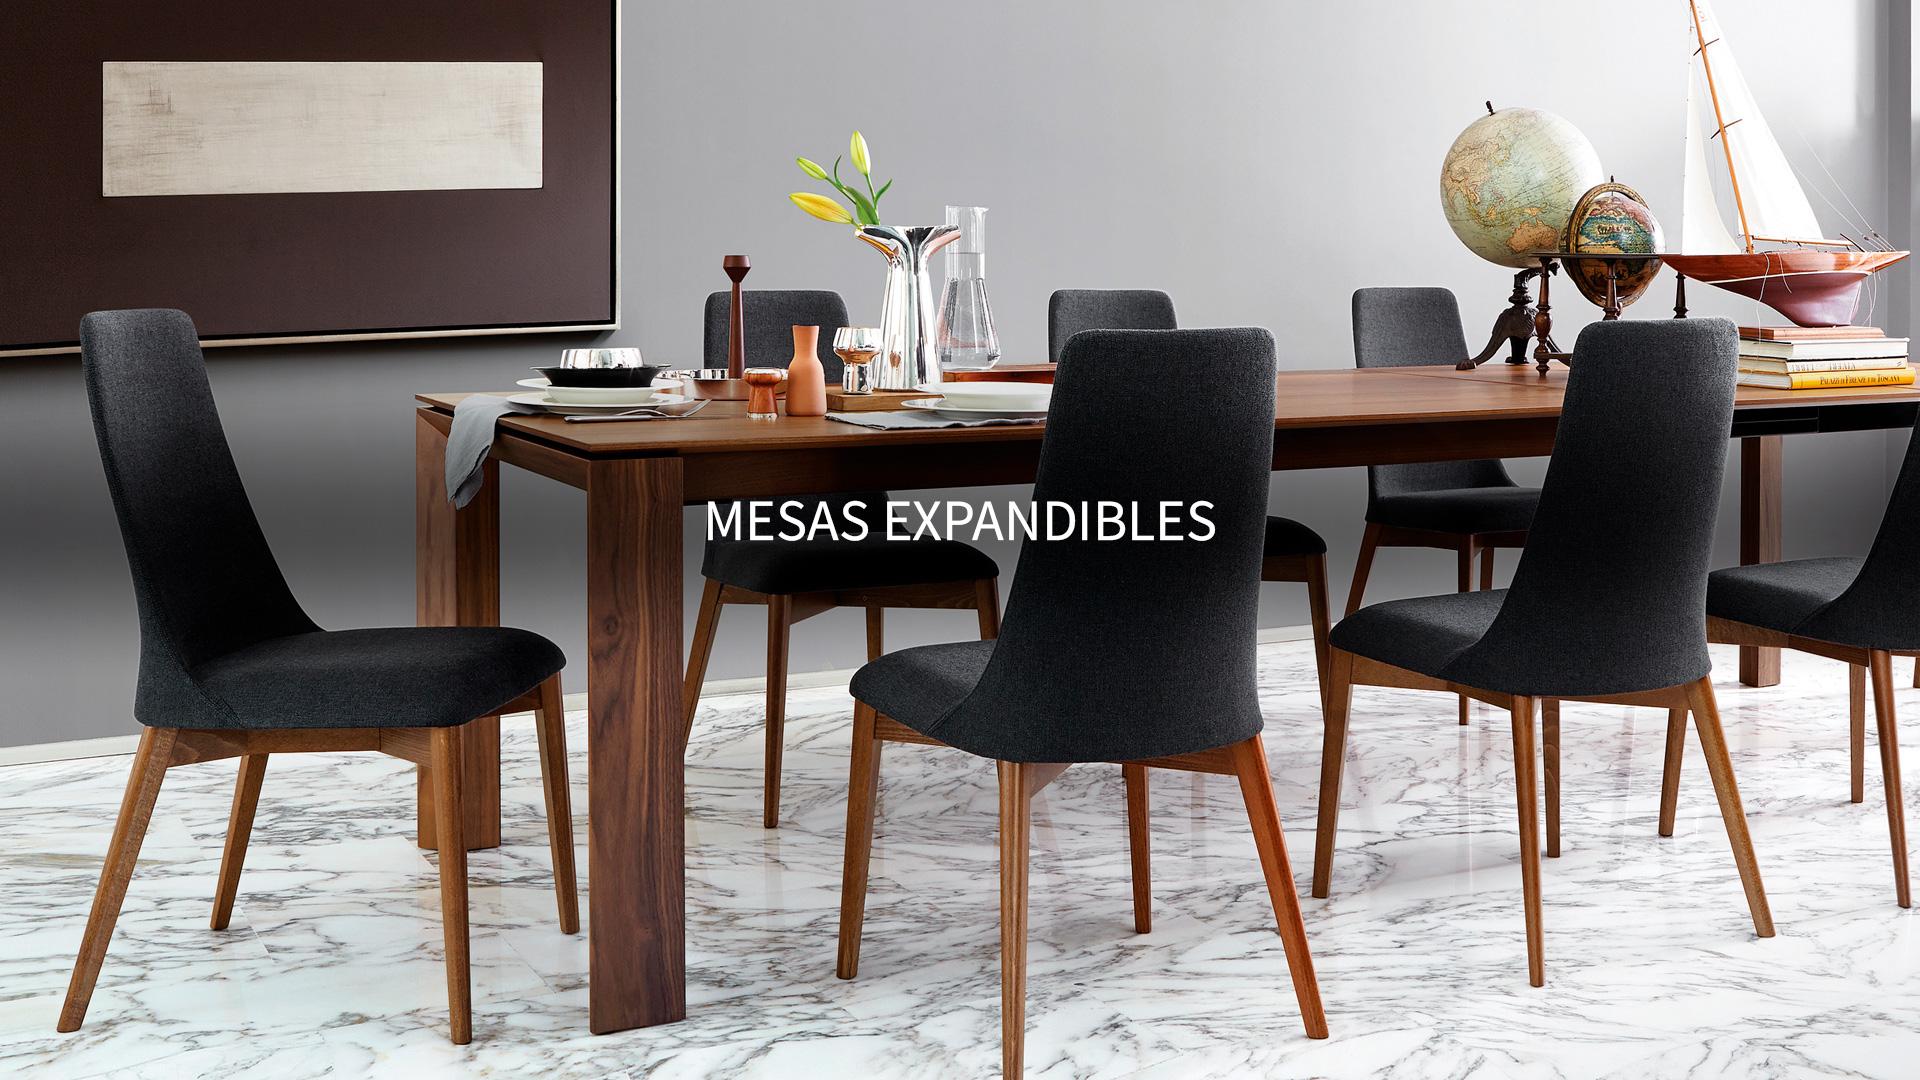 akabani-mesas-expandibles